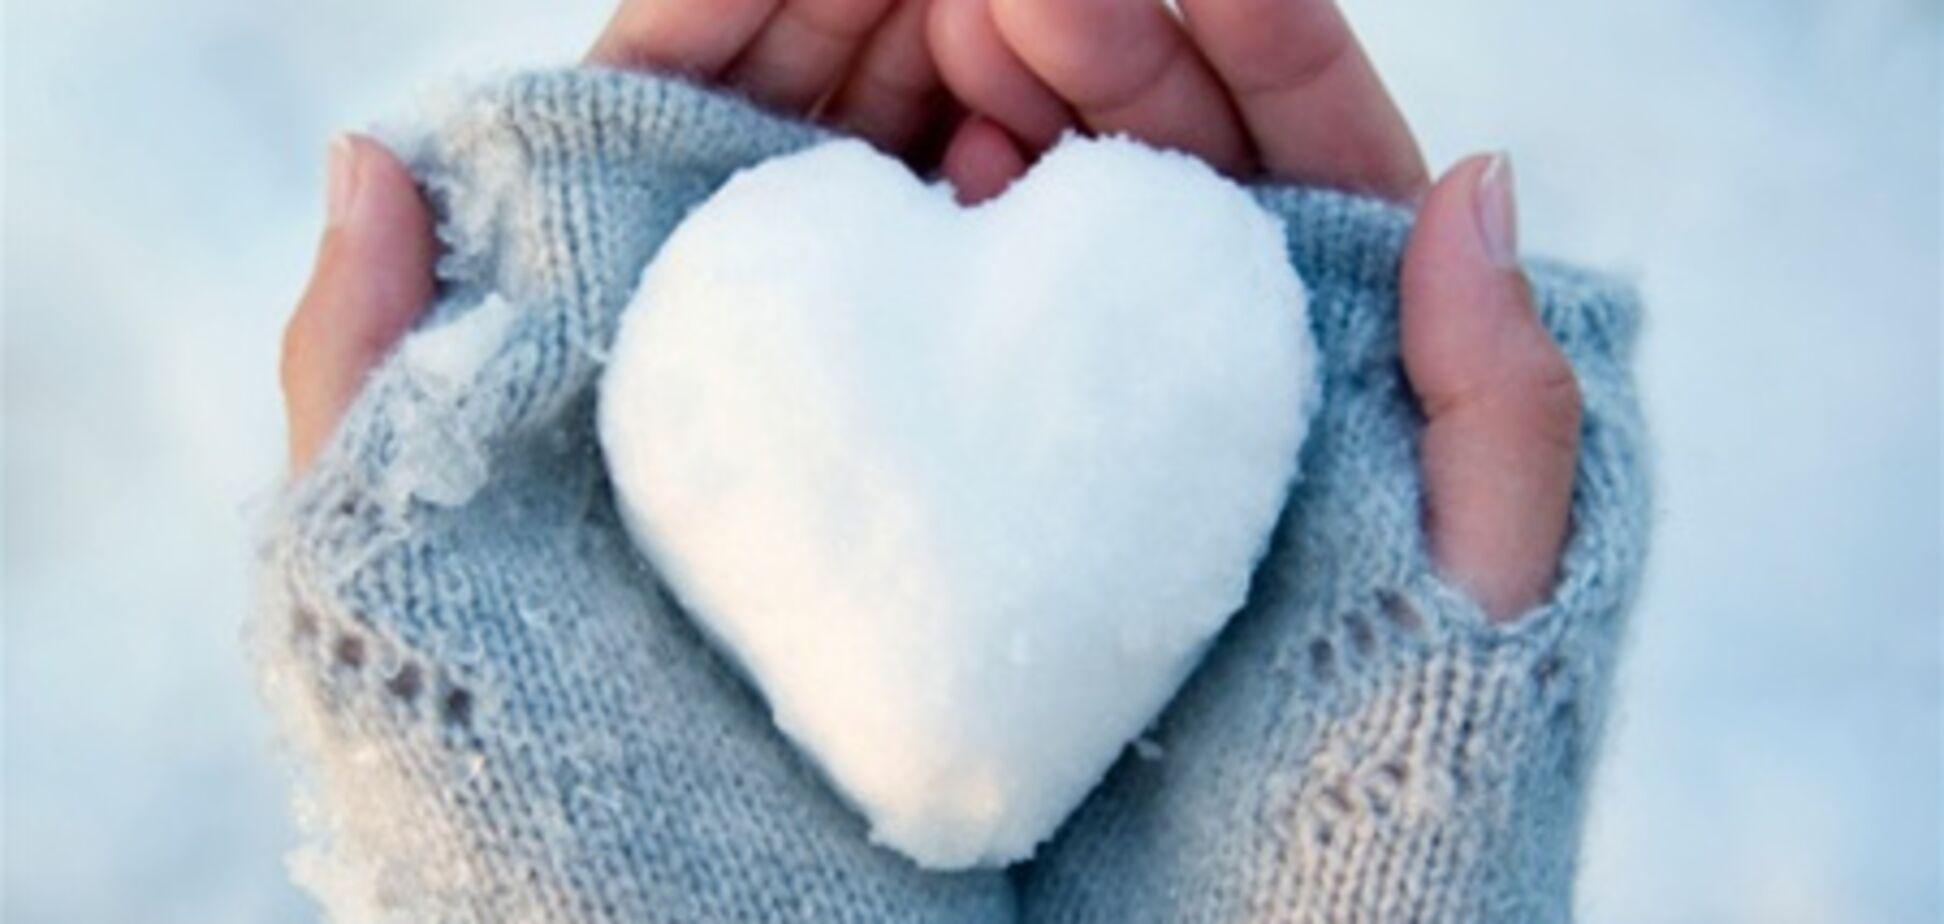 Зимняя мода – как сохранить здоровье